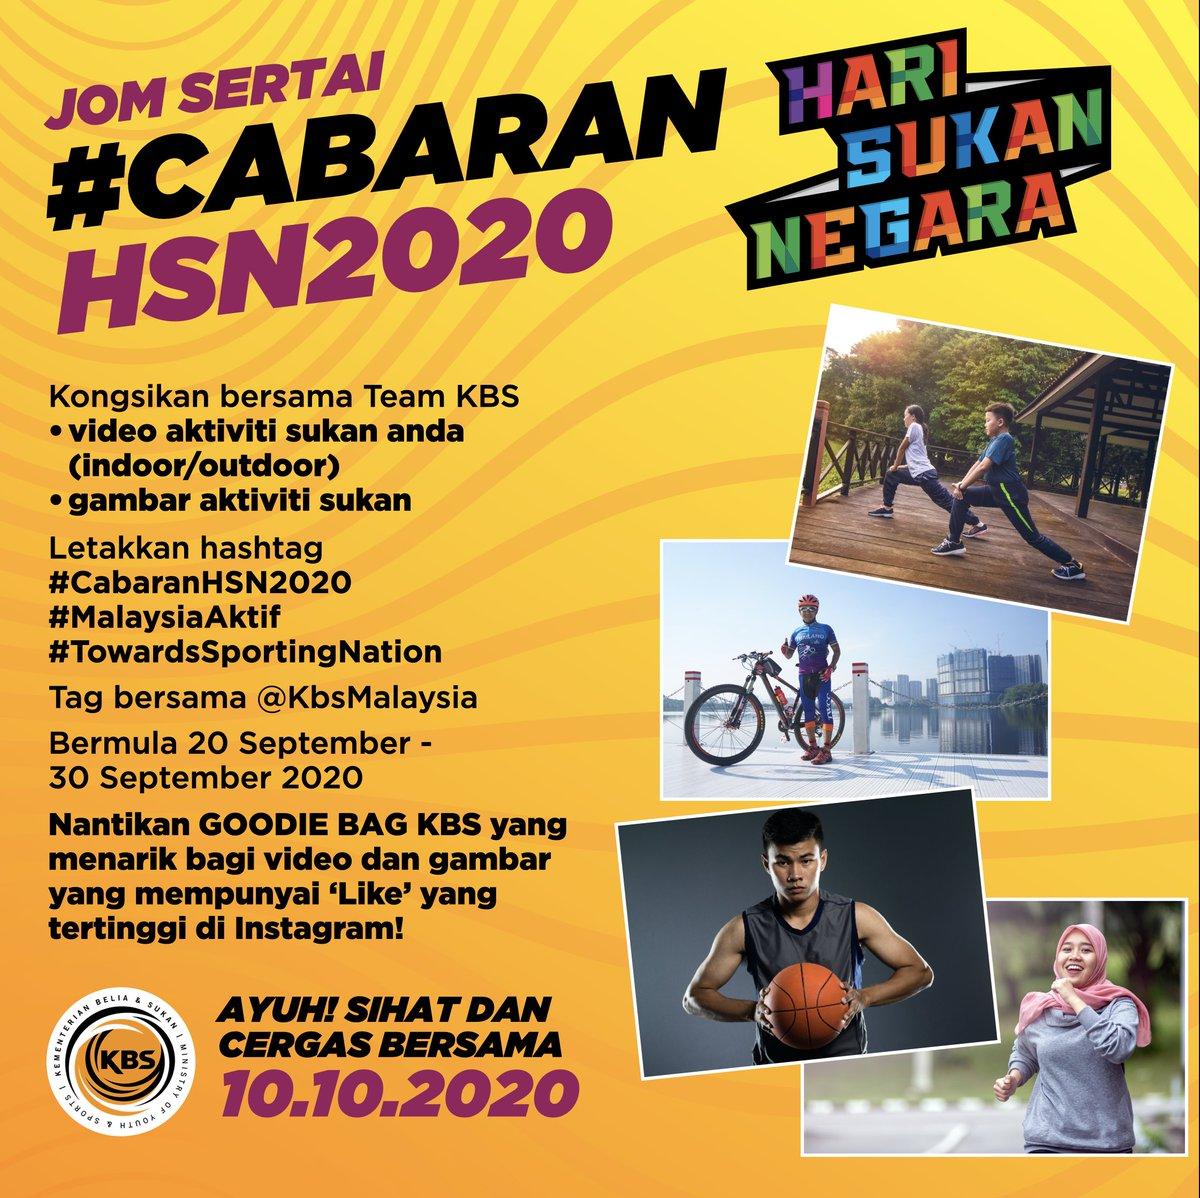 Hari Sukan Negara 2020  Team KBS menjemput seluruh rakyat Malaysia untuk menyertai #CabaranHSN2020. Jom kongsi video dan gambar aktiviti sukan anda dan letakkan hashtag #CabaranHSN2020 #MalaysiaAktif dan #TowardsSportingNation dan tag bersama @KbsMalaysia . #TeamKBS https://t.co/mpUYebm078